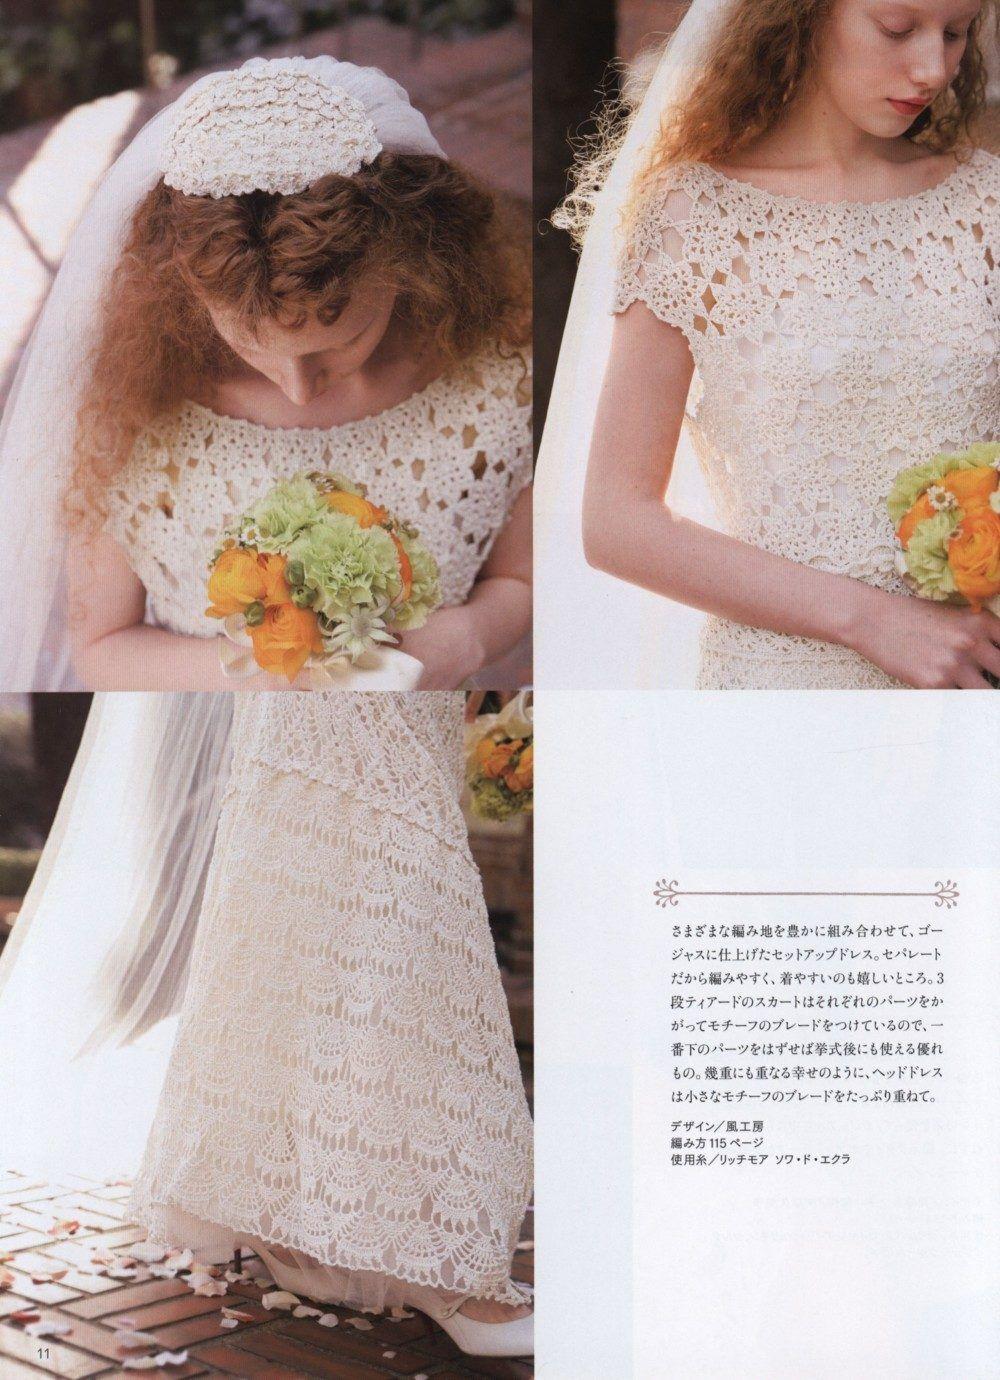 Работа девушка модель для свадебных платьев девушка на работе не отвечает взаимностью